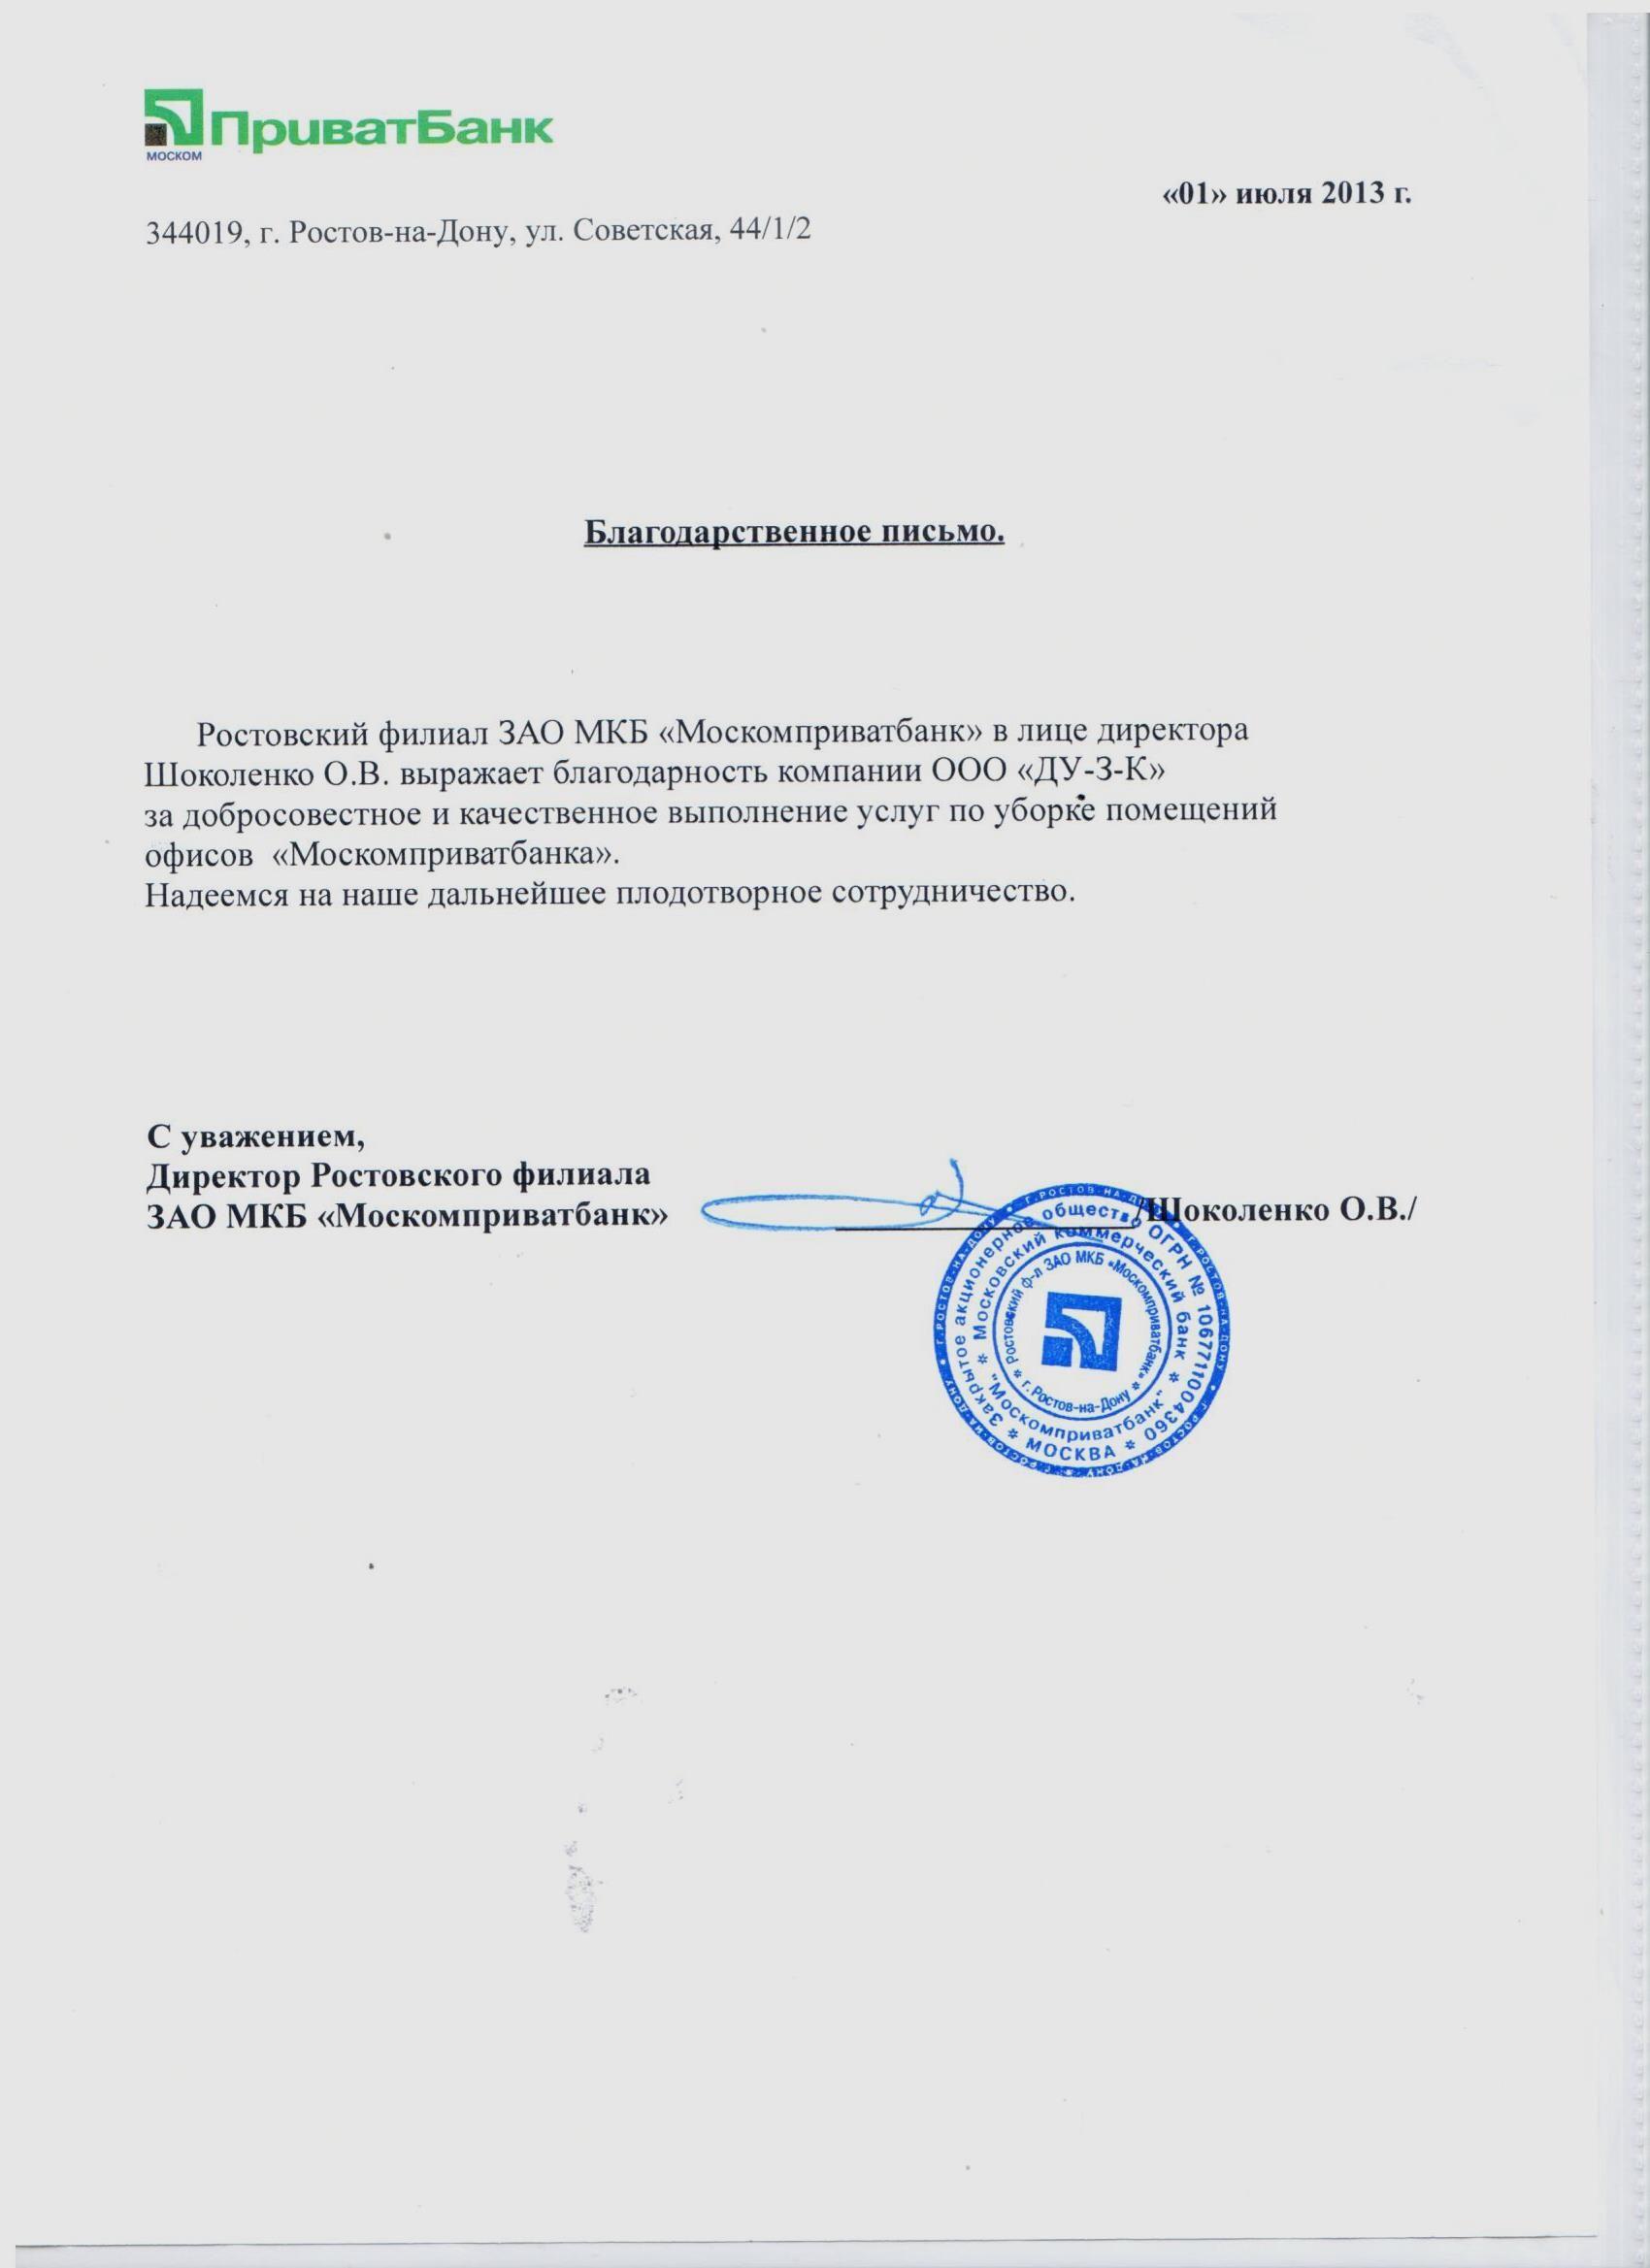 pismo_privatebank